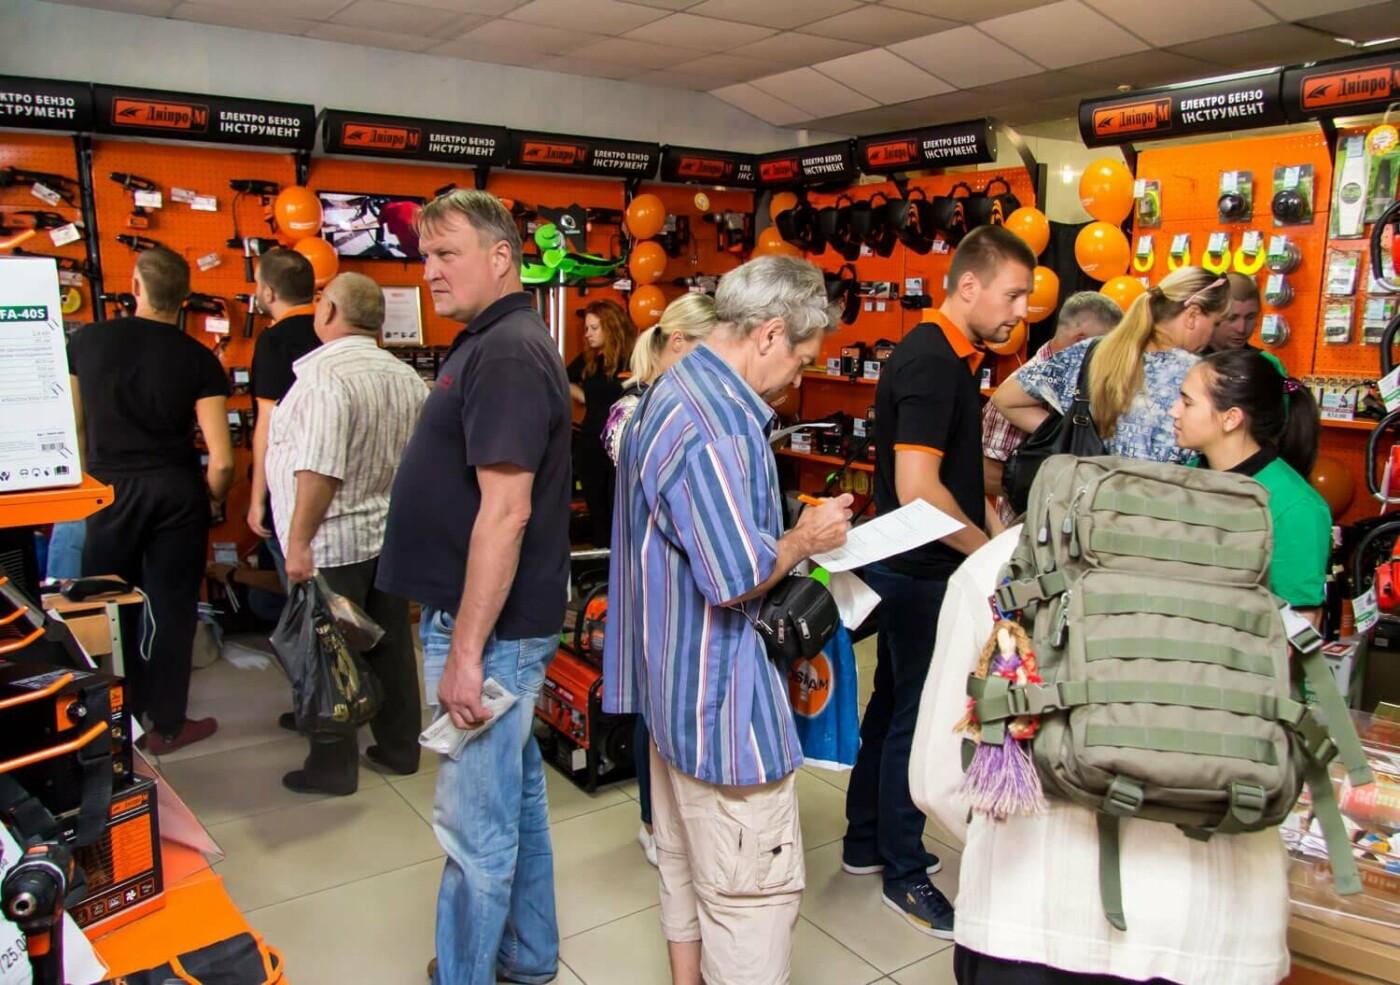 Музыка, подарки и море позитива: в Каменском открылся фирменный магазин Дніпро-М, фото-1